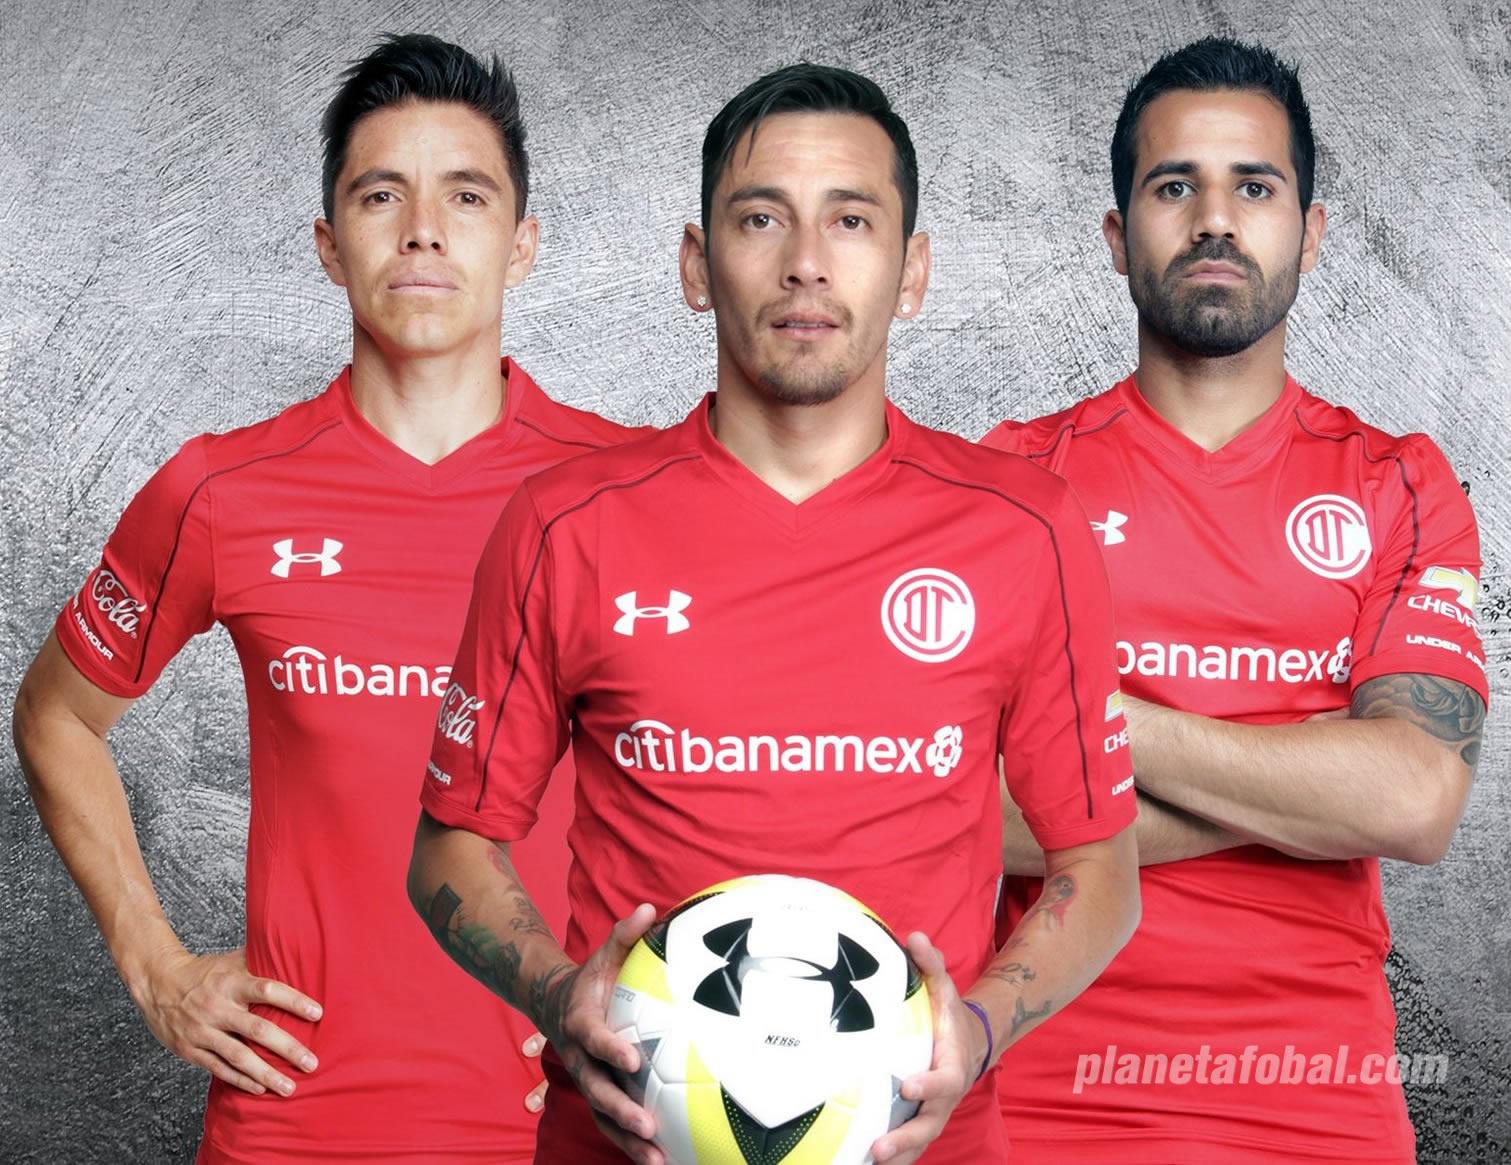 Agotar Esmerado suficiente  Camisetas Under Armour del Toluca 2017/18